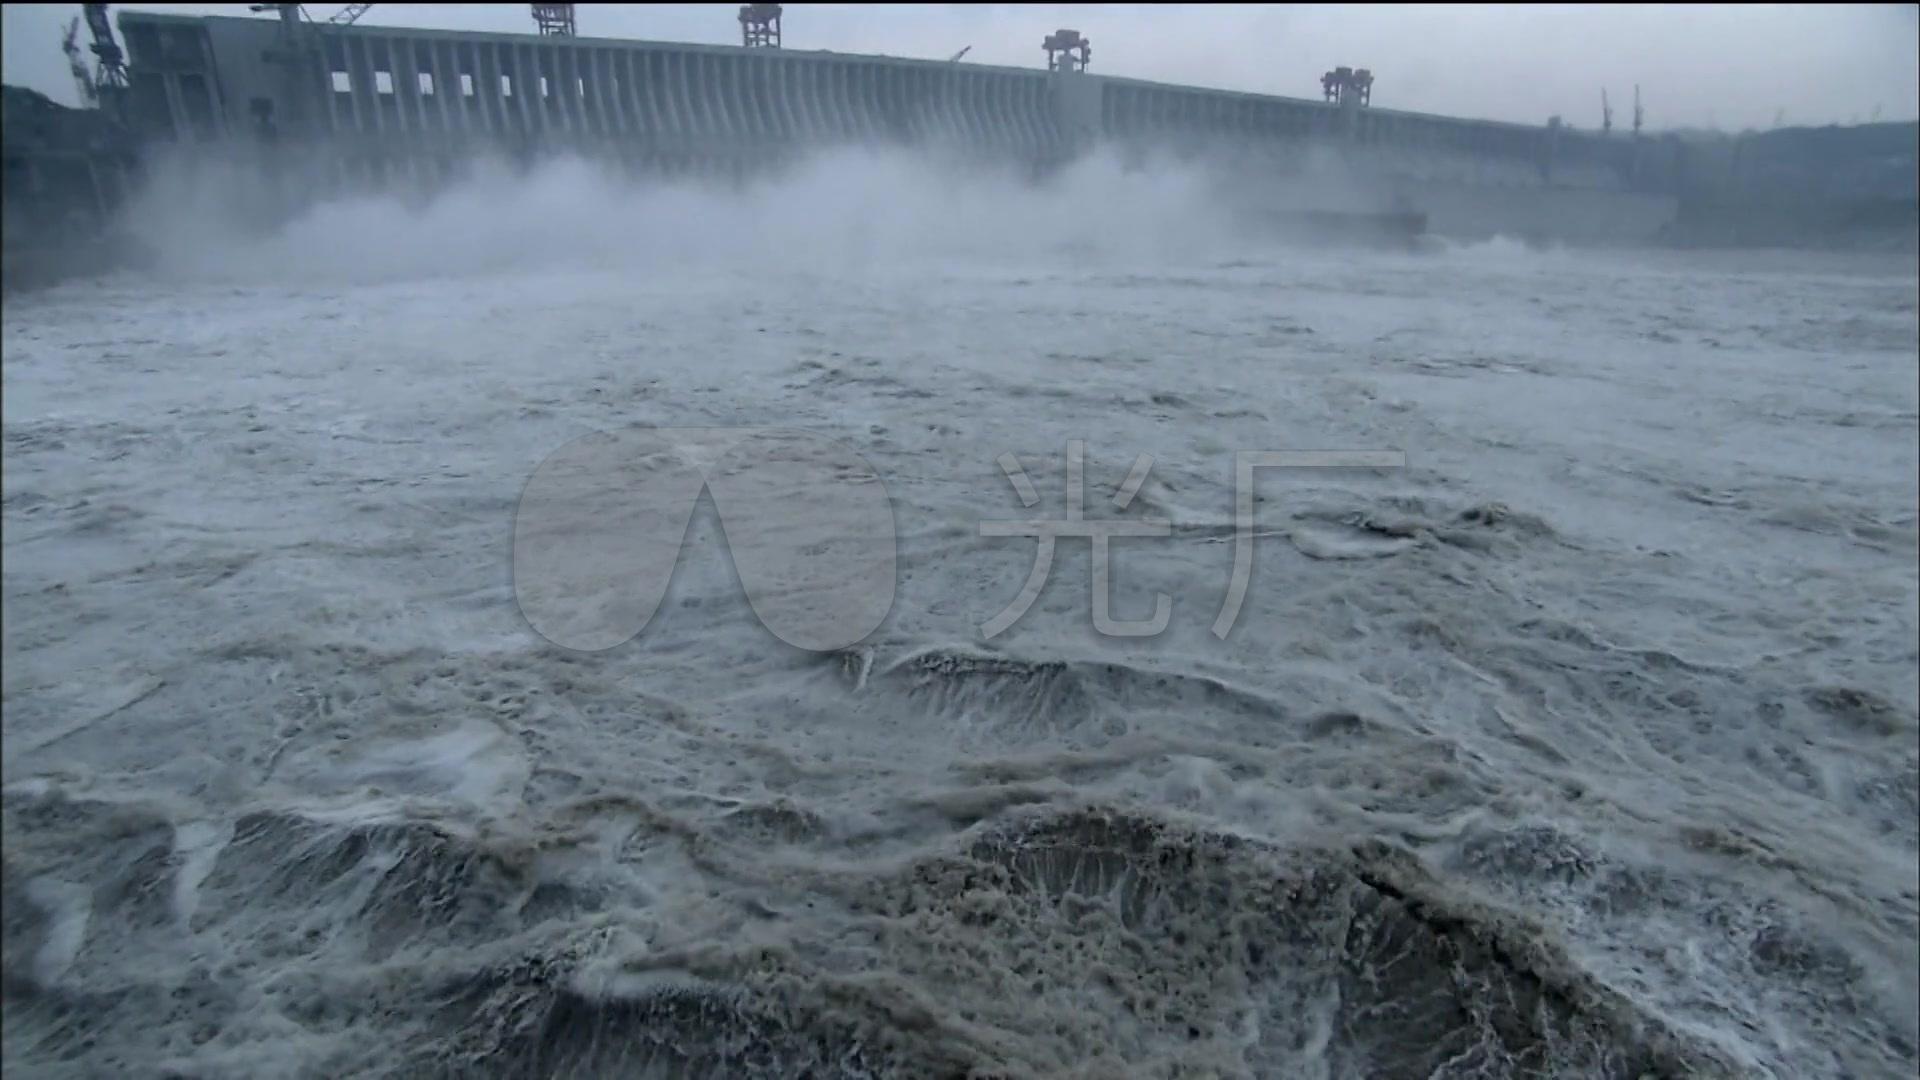 长江三峡大坝泄洪水利工程发电站v视频_1920X和视频教程球图片